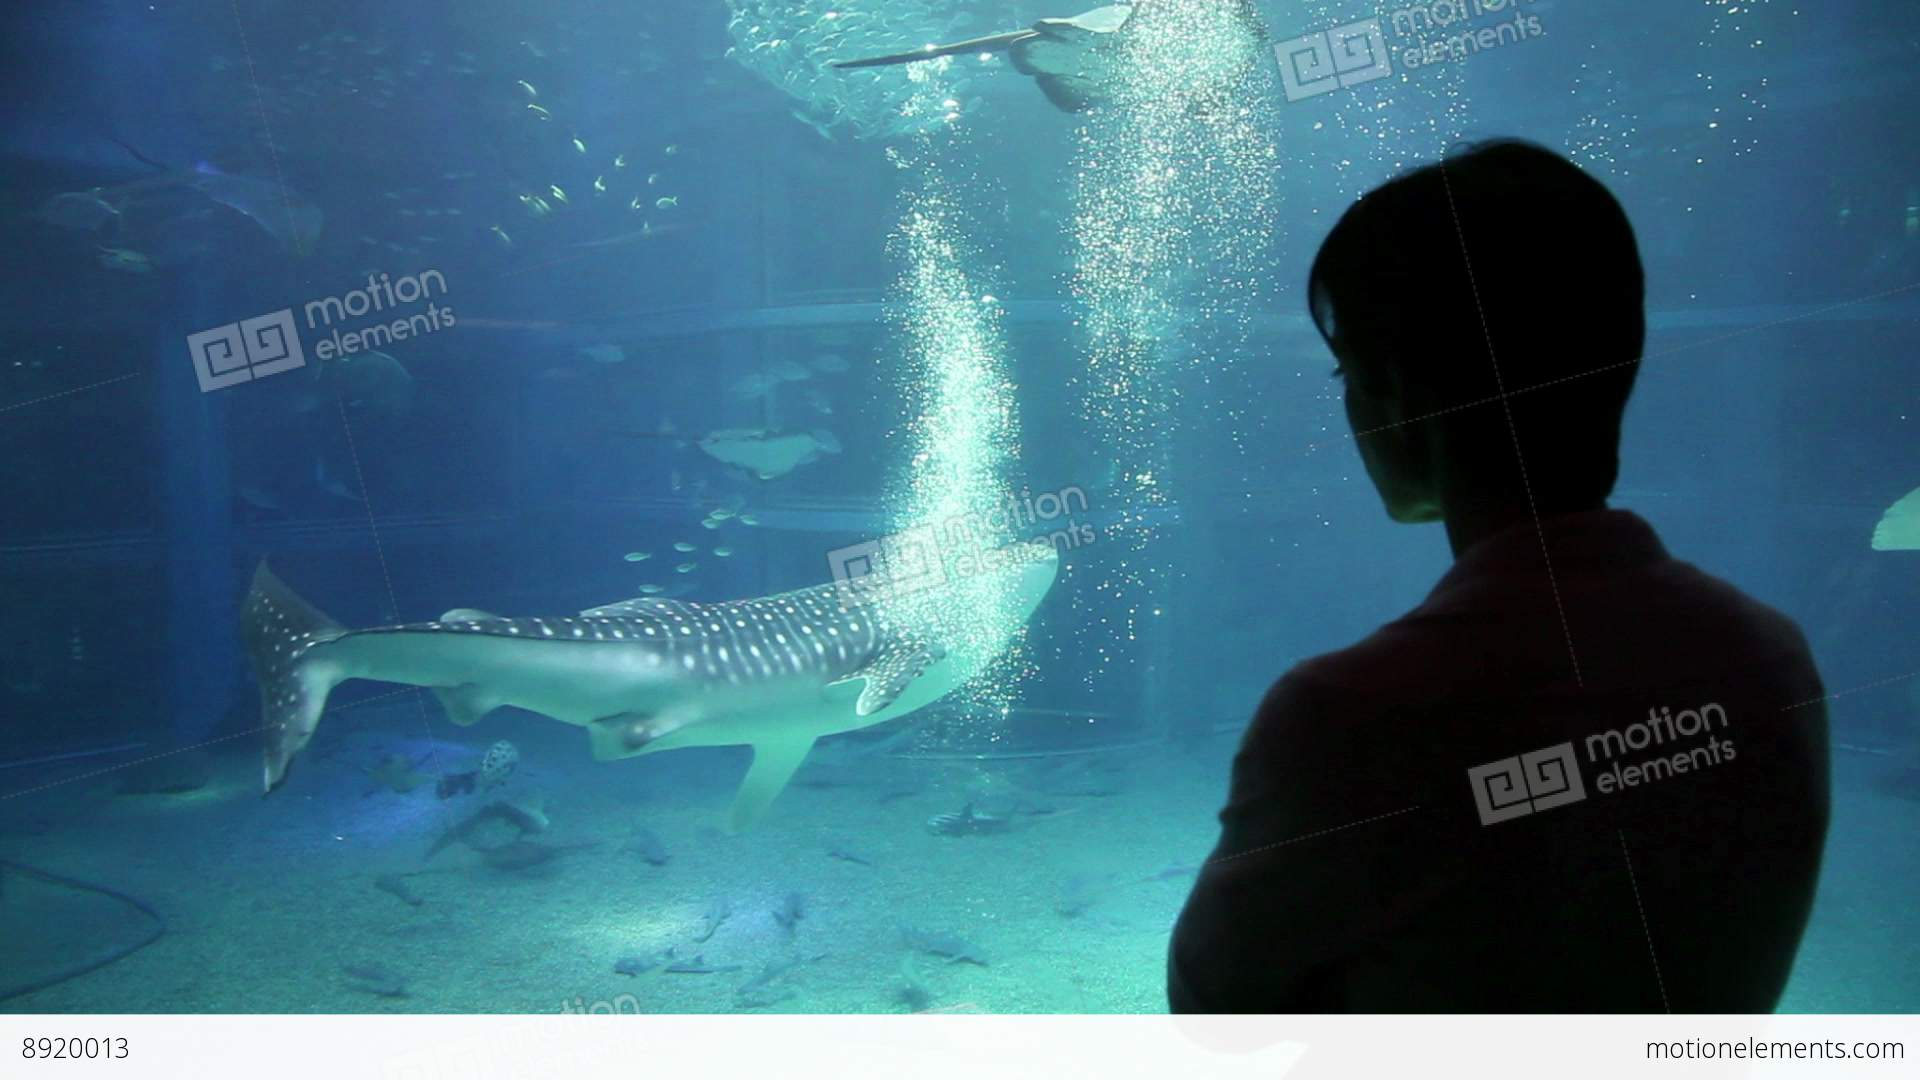 Fish aquarium japan - 7of 10 Fish Whale Shark Woman At Osaka Aquarium Stock